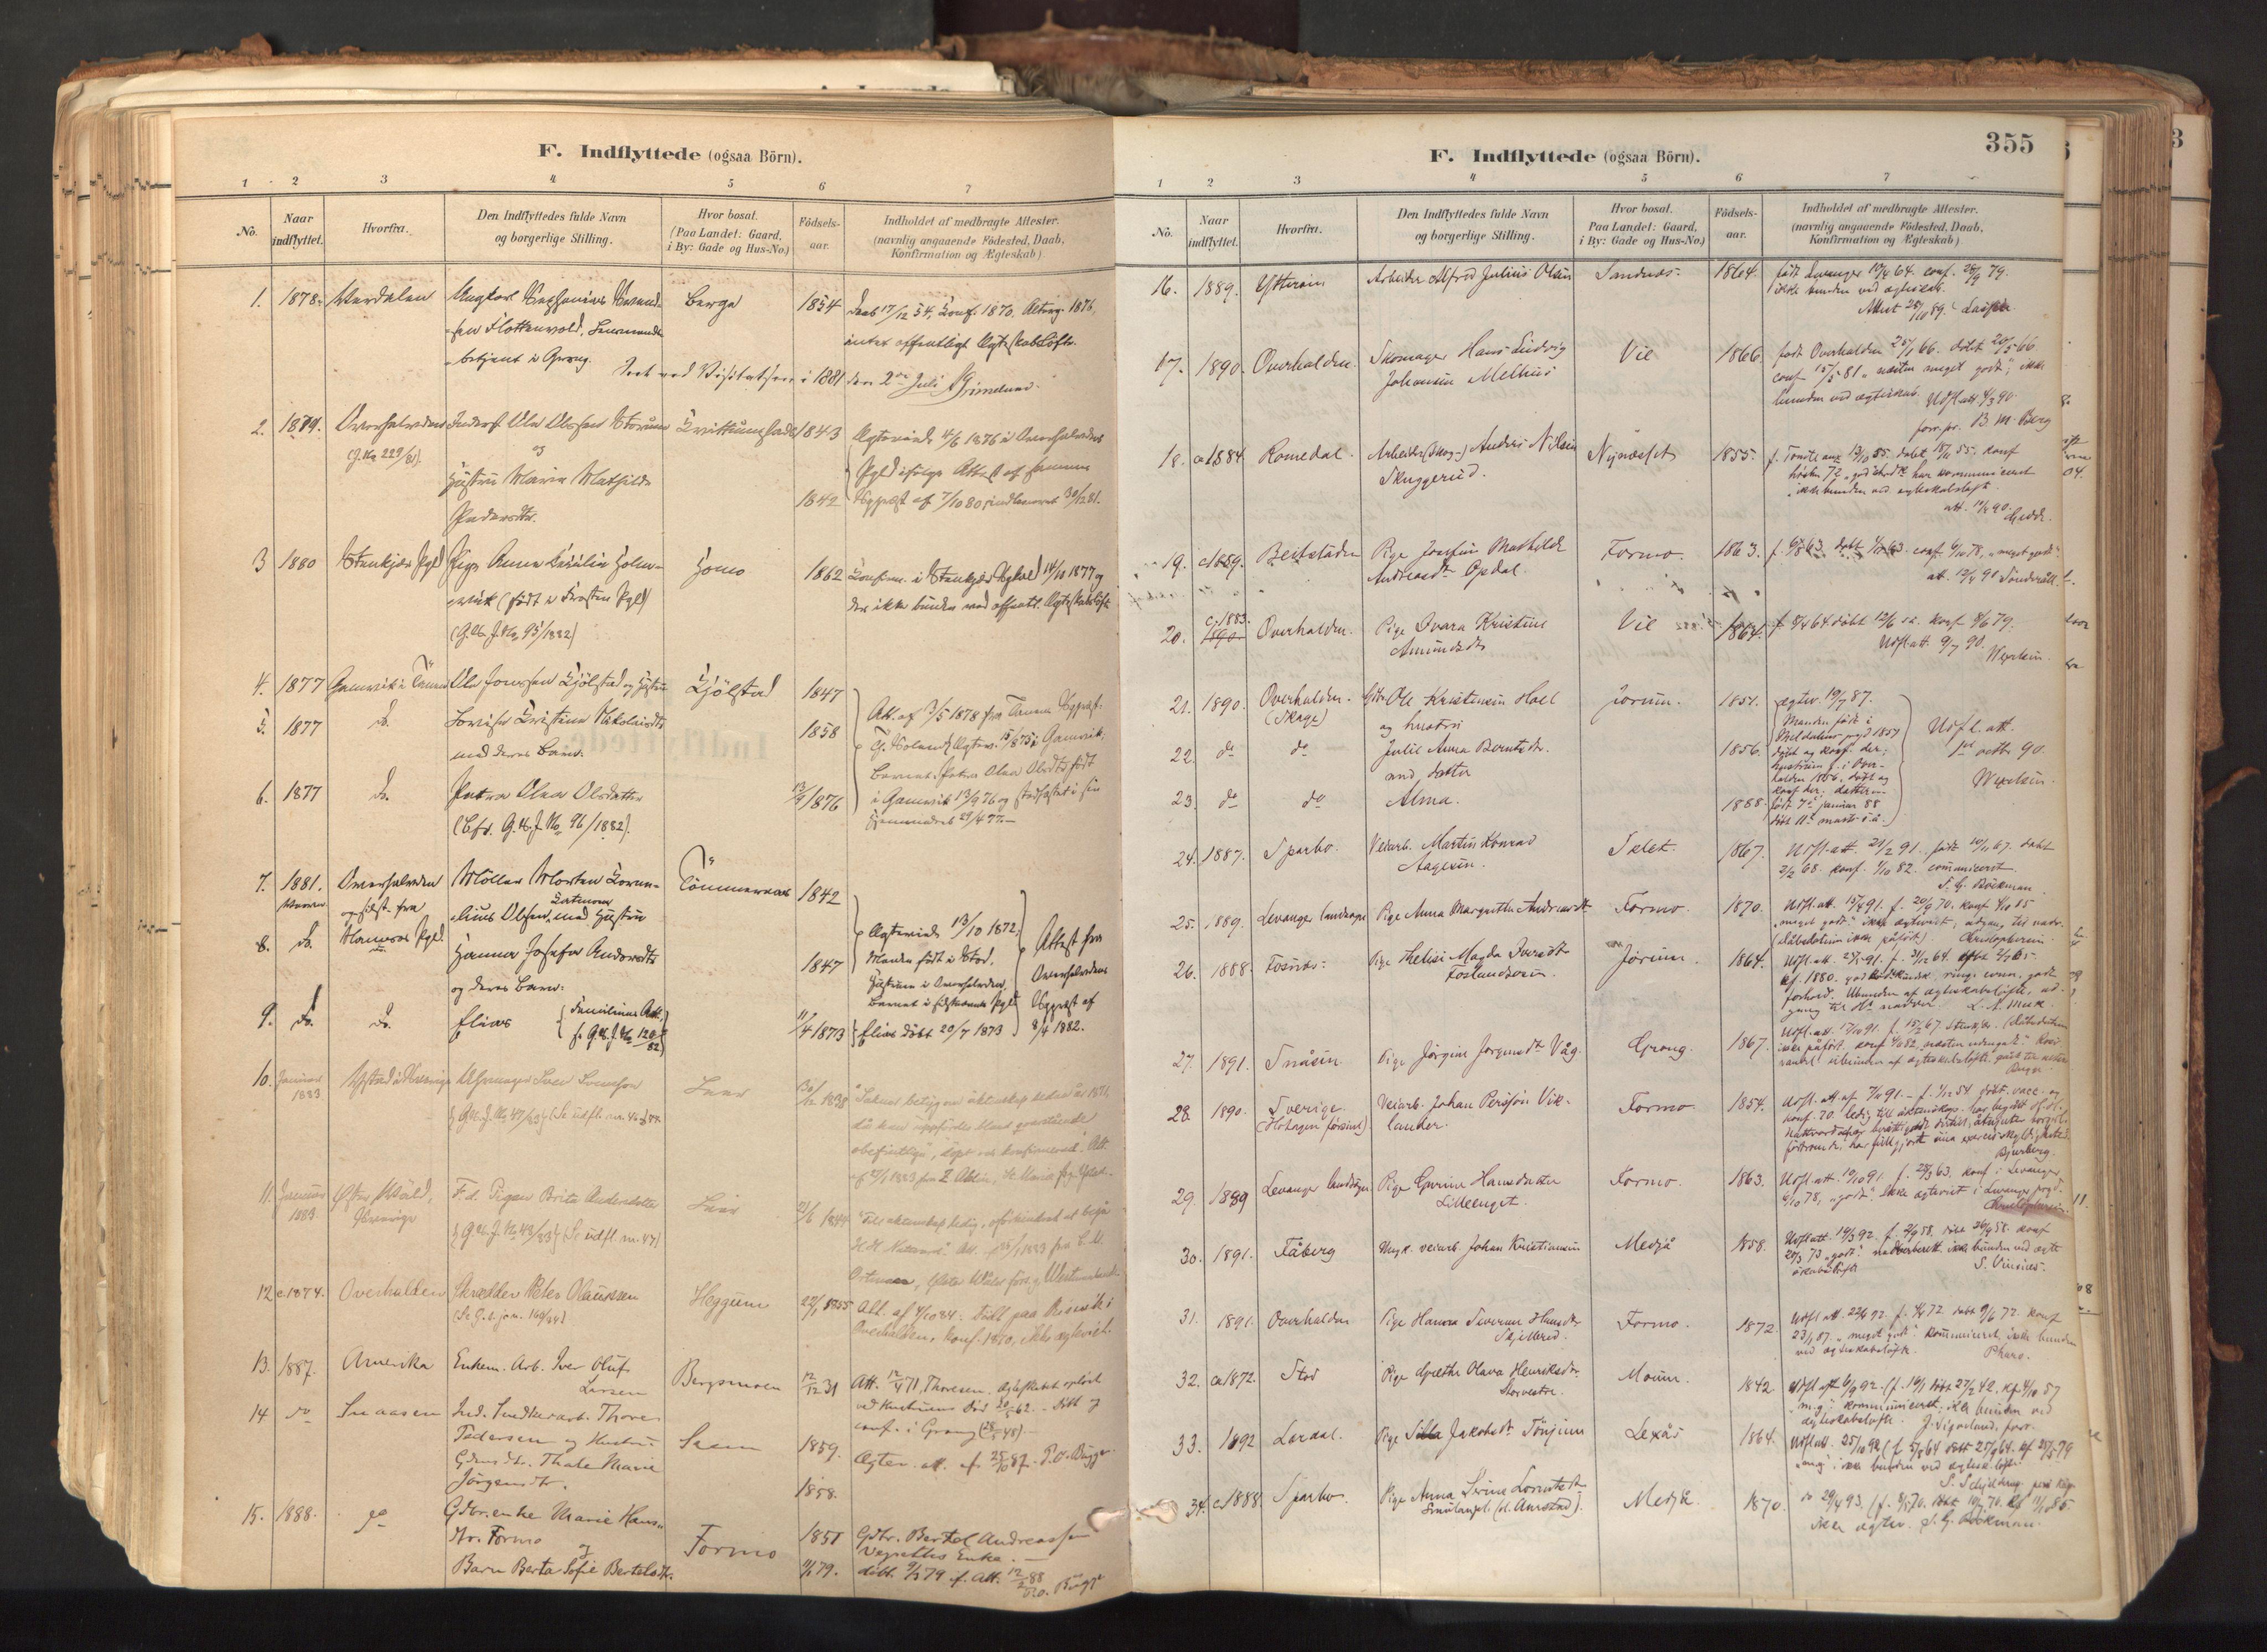 SAT, Ministerialprotokoller, klokkerbøker og fødselsregistre - Nord-Trøndelag, 758/L0519: Ministerialbok nr. 758A04, 1880-1926, s. 355